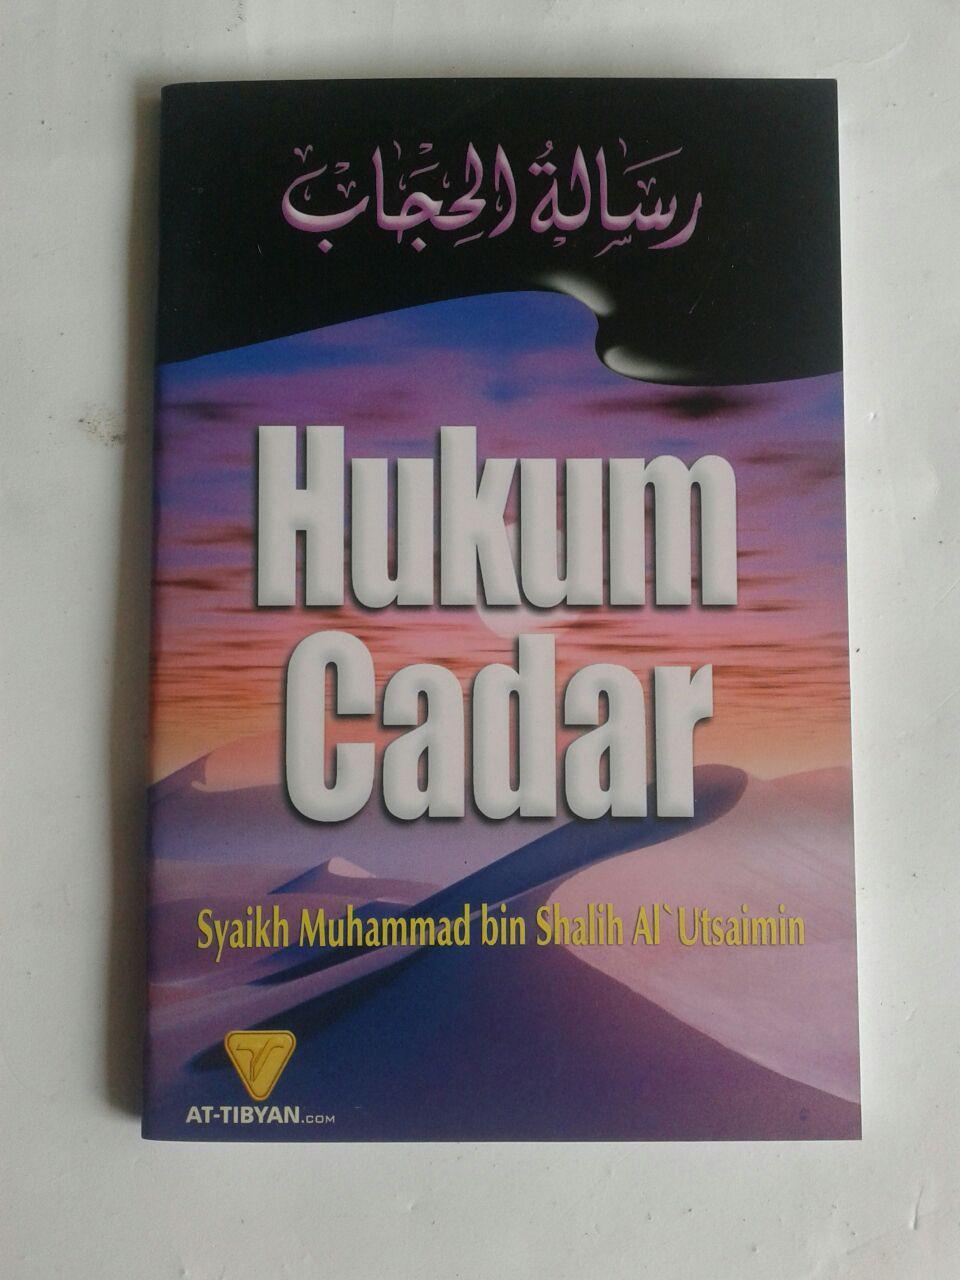 Buku Hukum Cadar cover 2